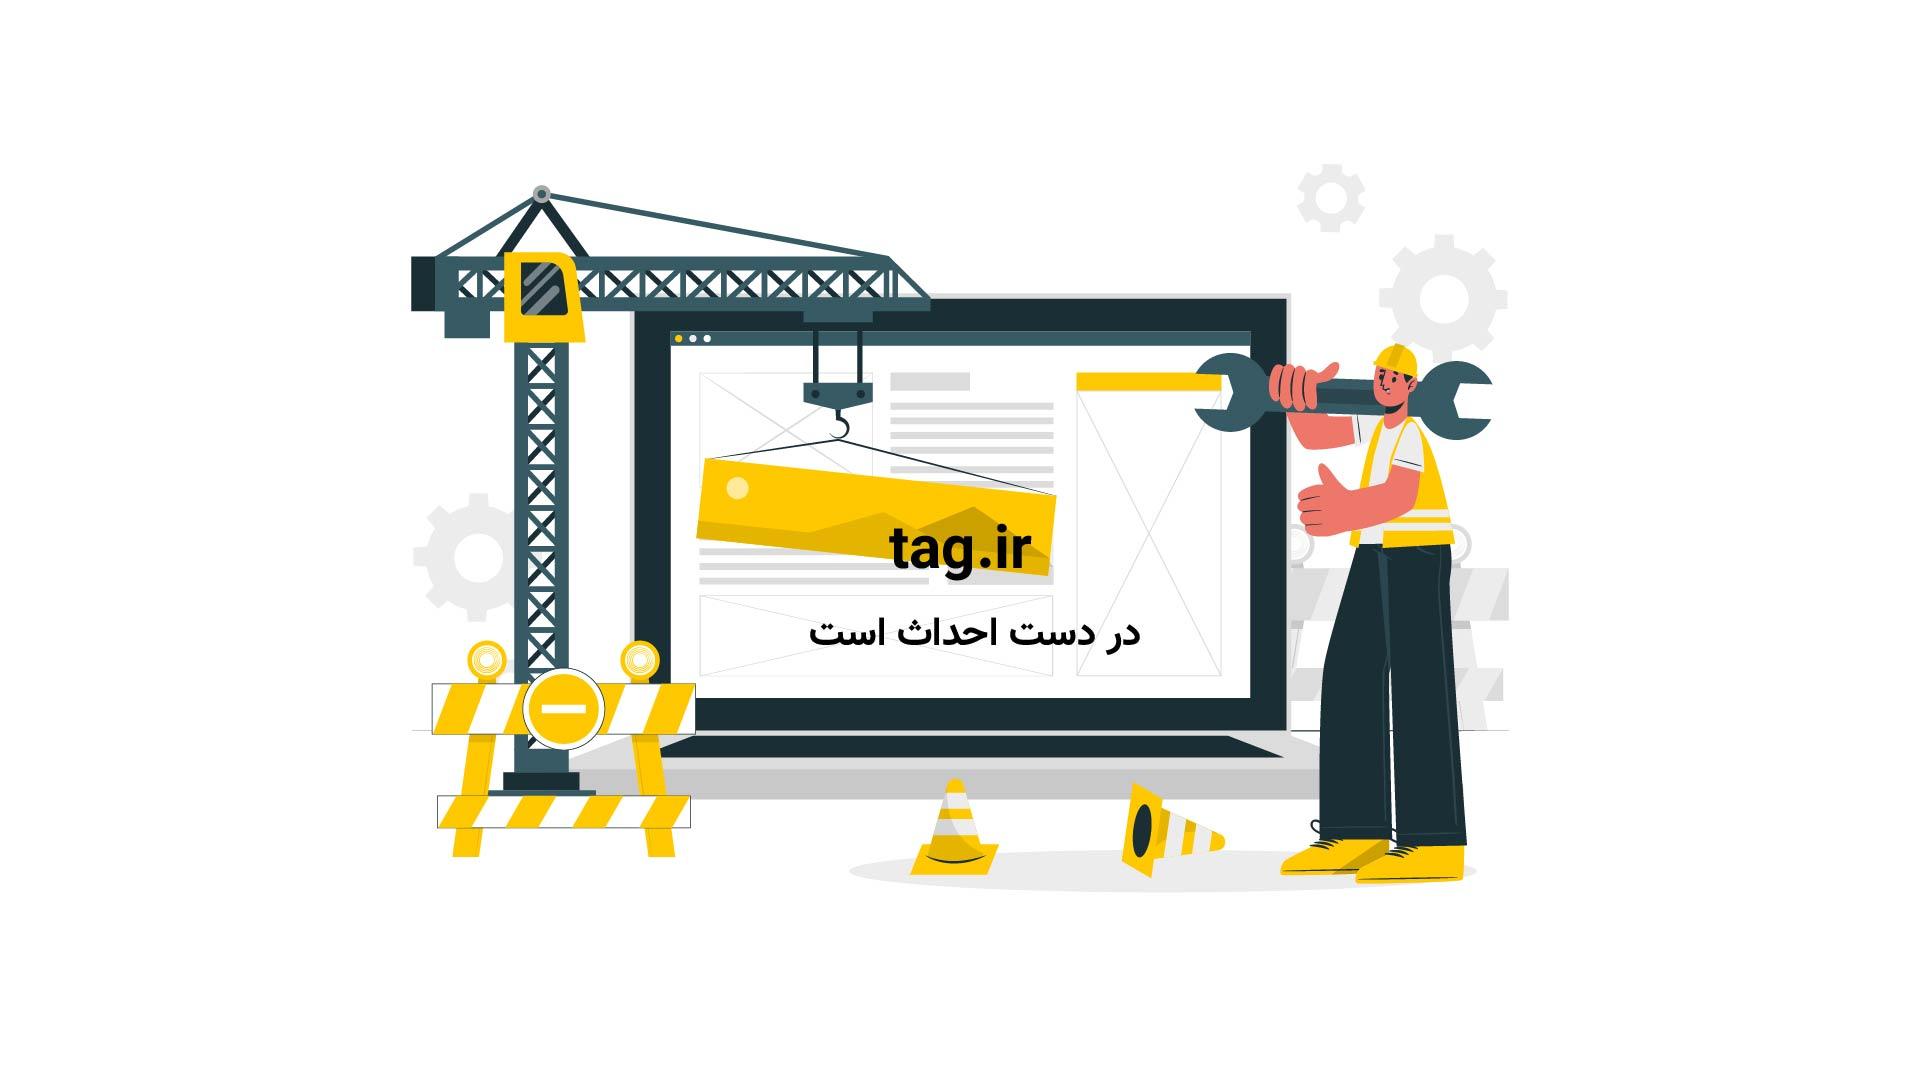 سخنرانیهای تد؛ جهان به شدت به شما نیاز دارد | فیلم